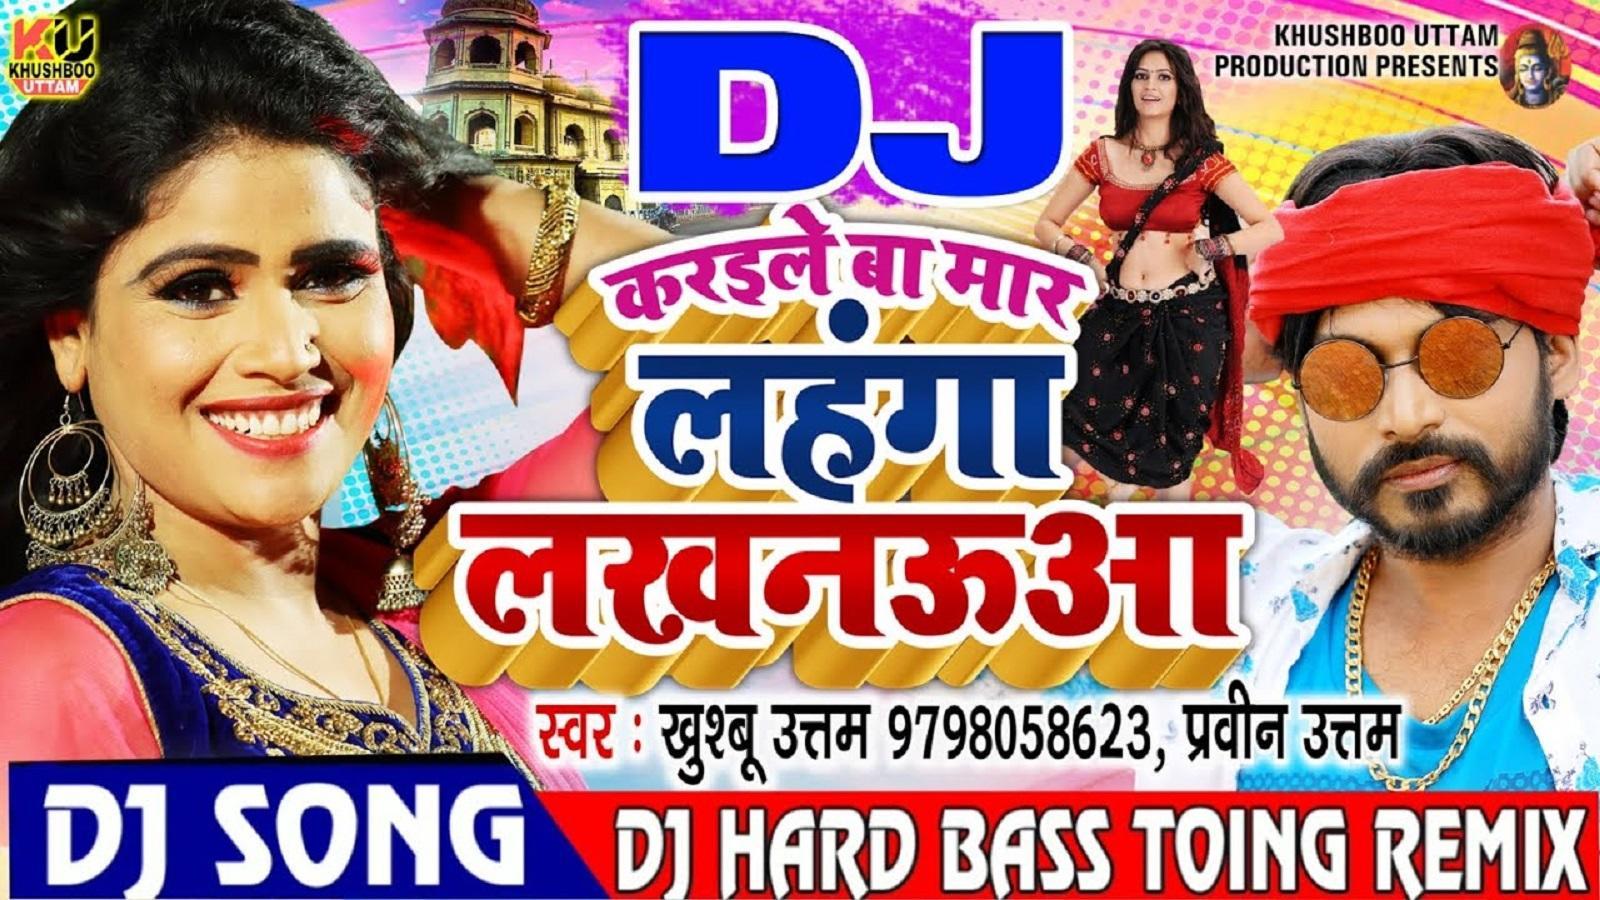 Naya Bhojpuri Gana DJ Remix Song 2020: Latest Bhojpuri Song 'Lahanga  Lakhanuaa' Sung by Khushboo Uttam and Pravin Uttam